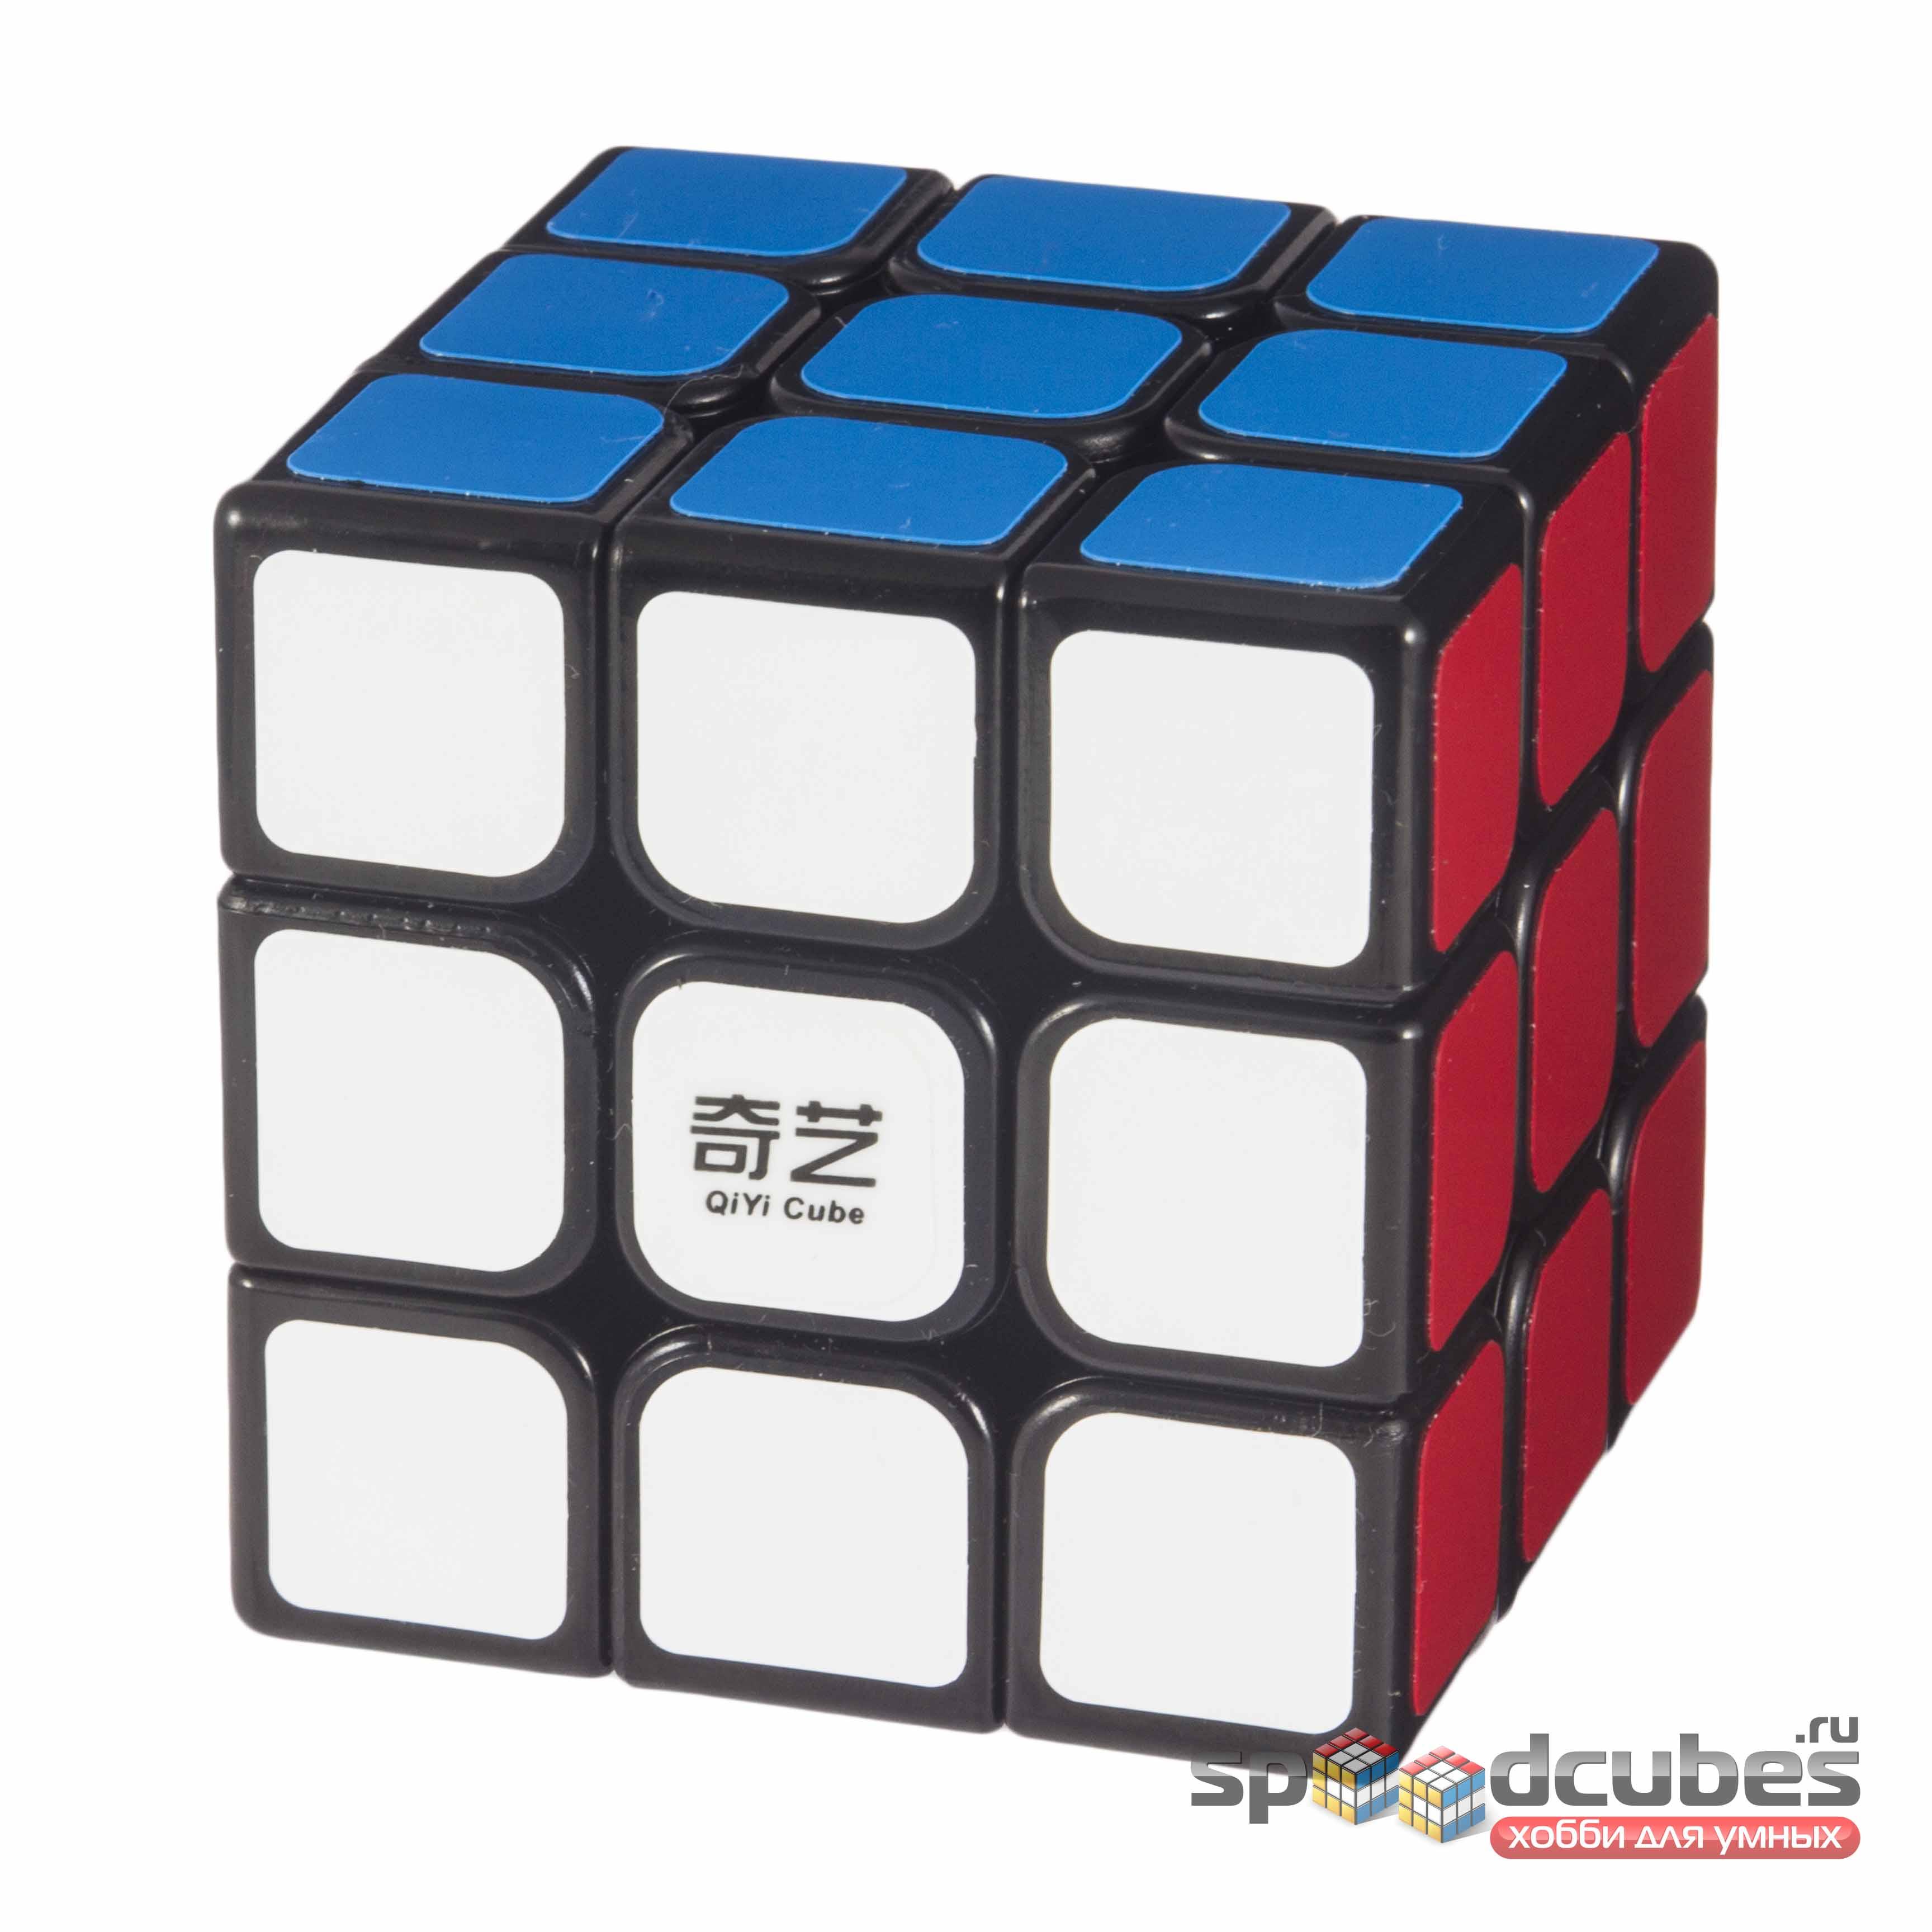 Qiyi Mofangge 3x3x3 Qihang Sail Black 1